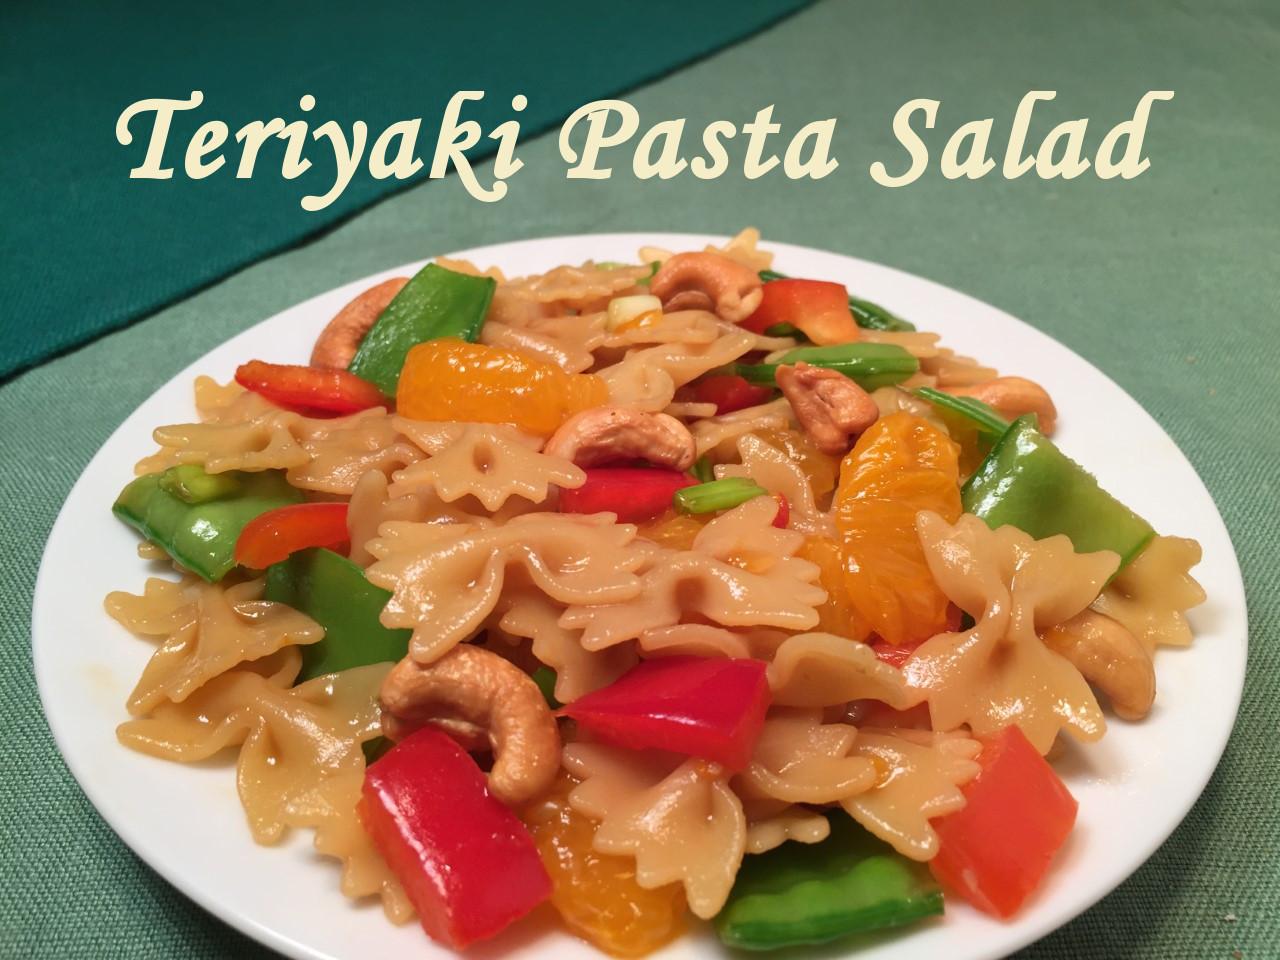 teriyaki pasta salad text